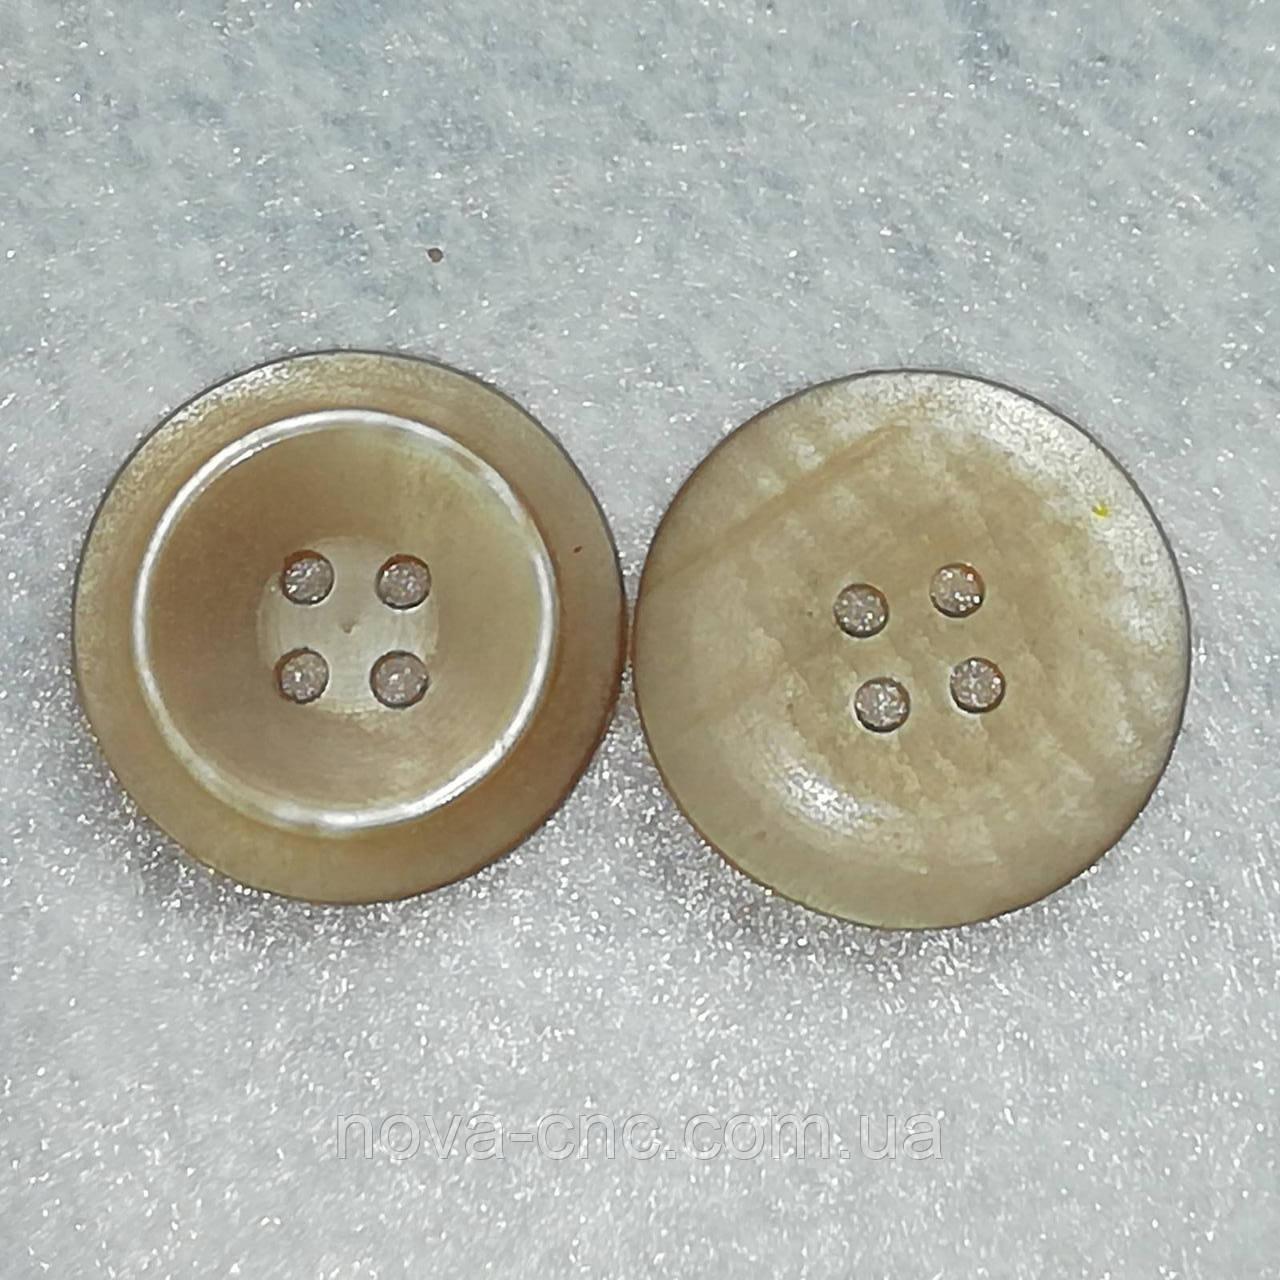 Гудзики пластмасові 27 мм Колір бежевий мармур Упаковка 700 штук